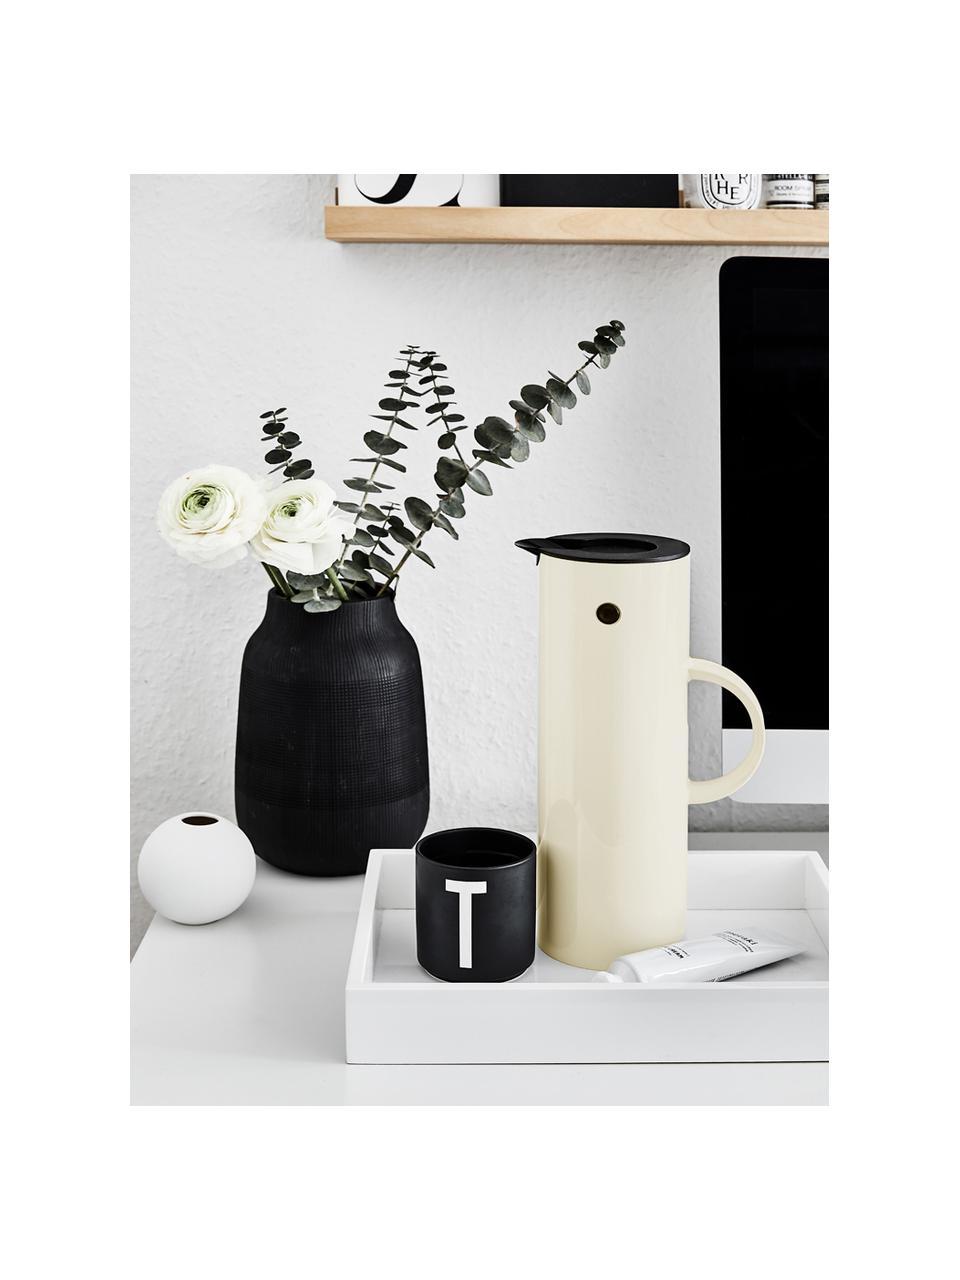 Brocca isotermica color bianco crema lucido EM77, 1 L, Materiale sintetico ABS con inserto in vetro, Bianco crema lucido, 1 L